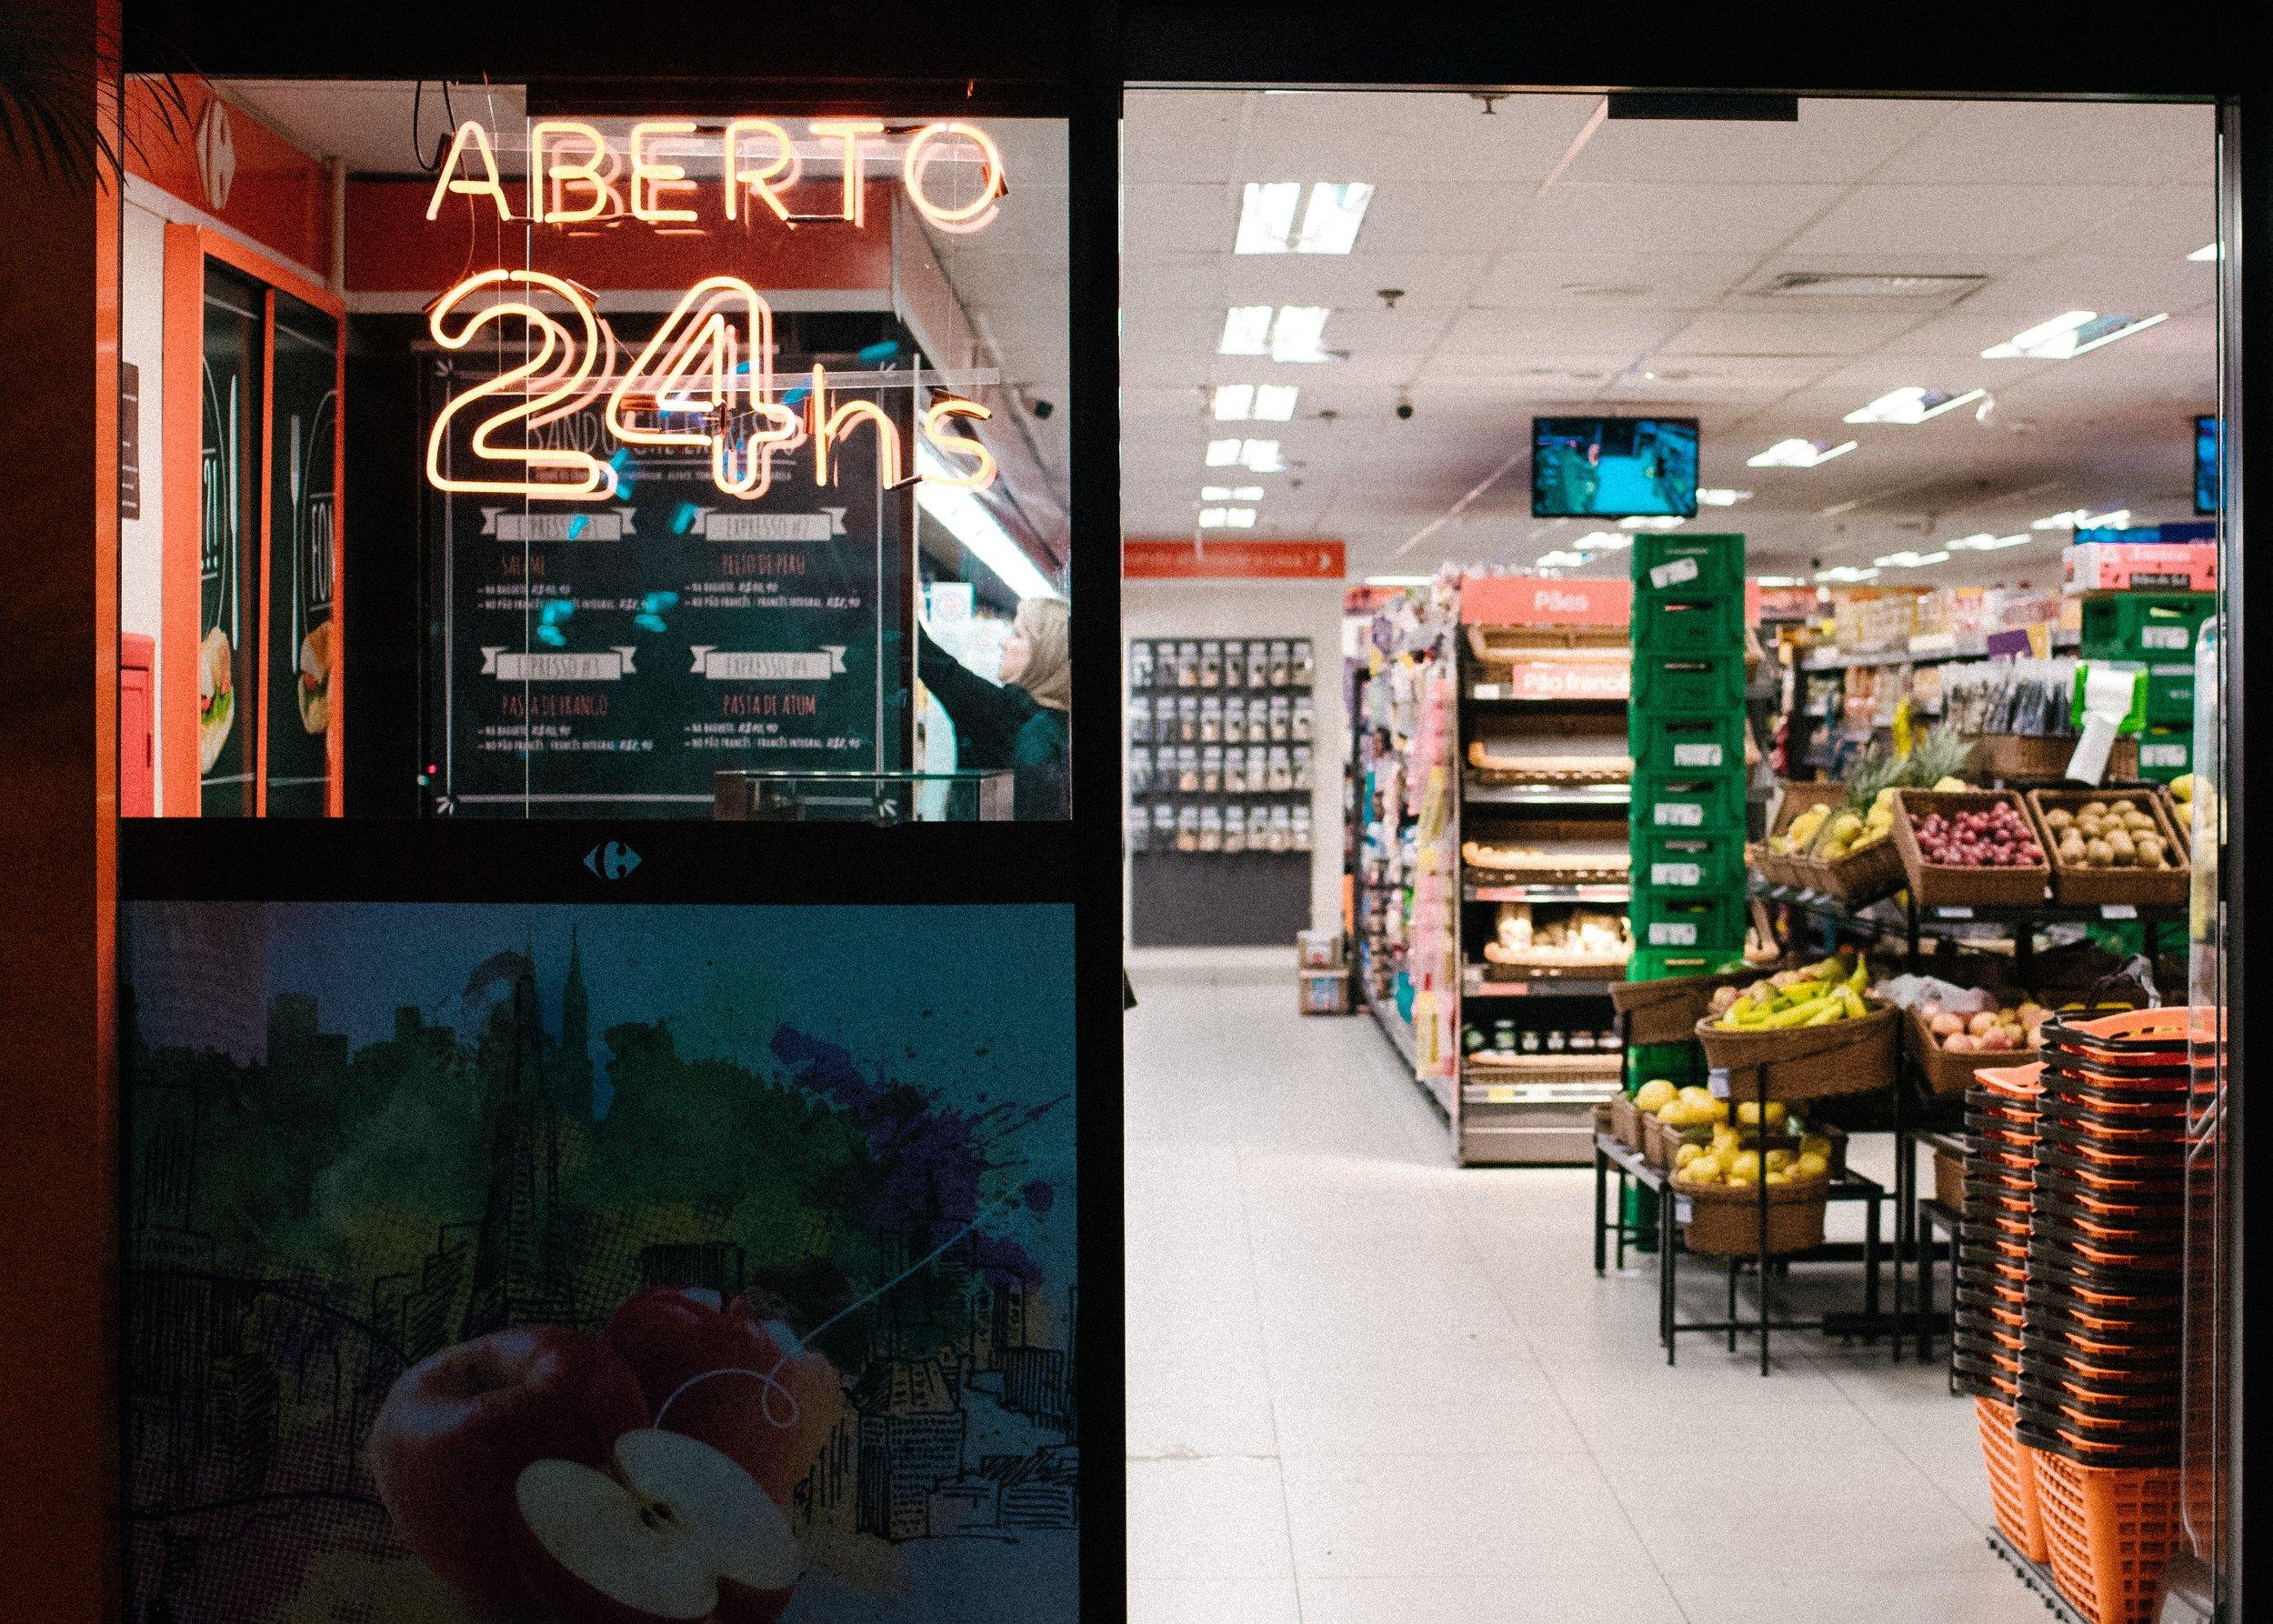 commerce-doorway-evening-1843260.jpg